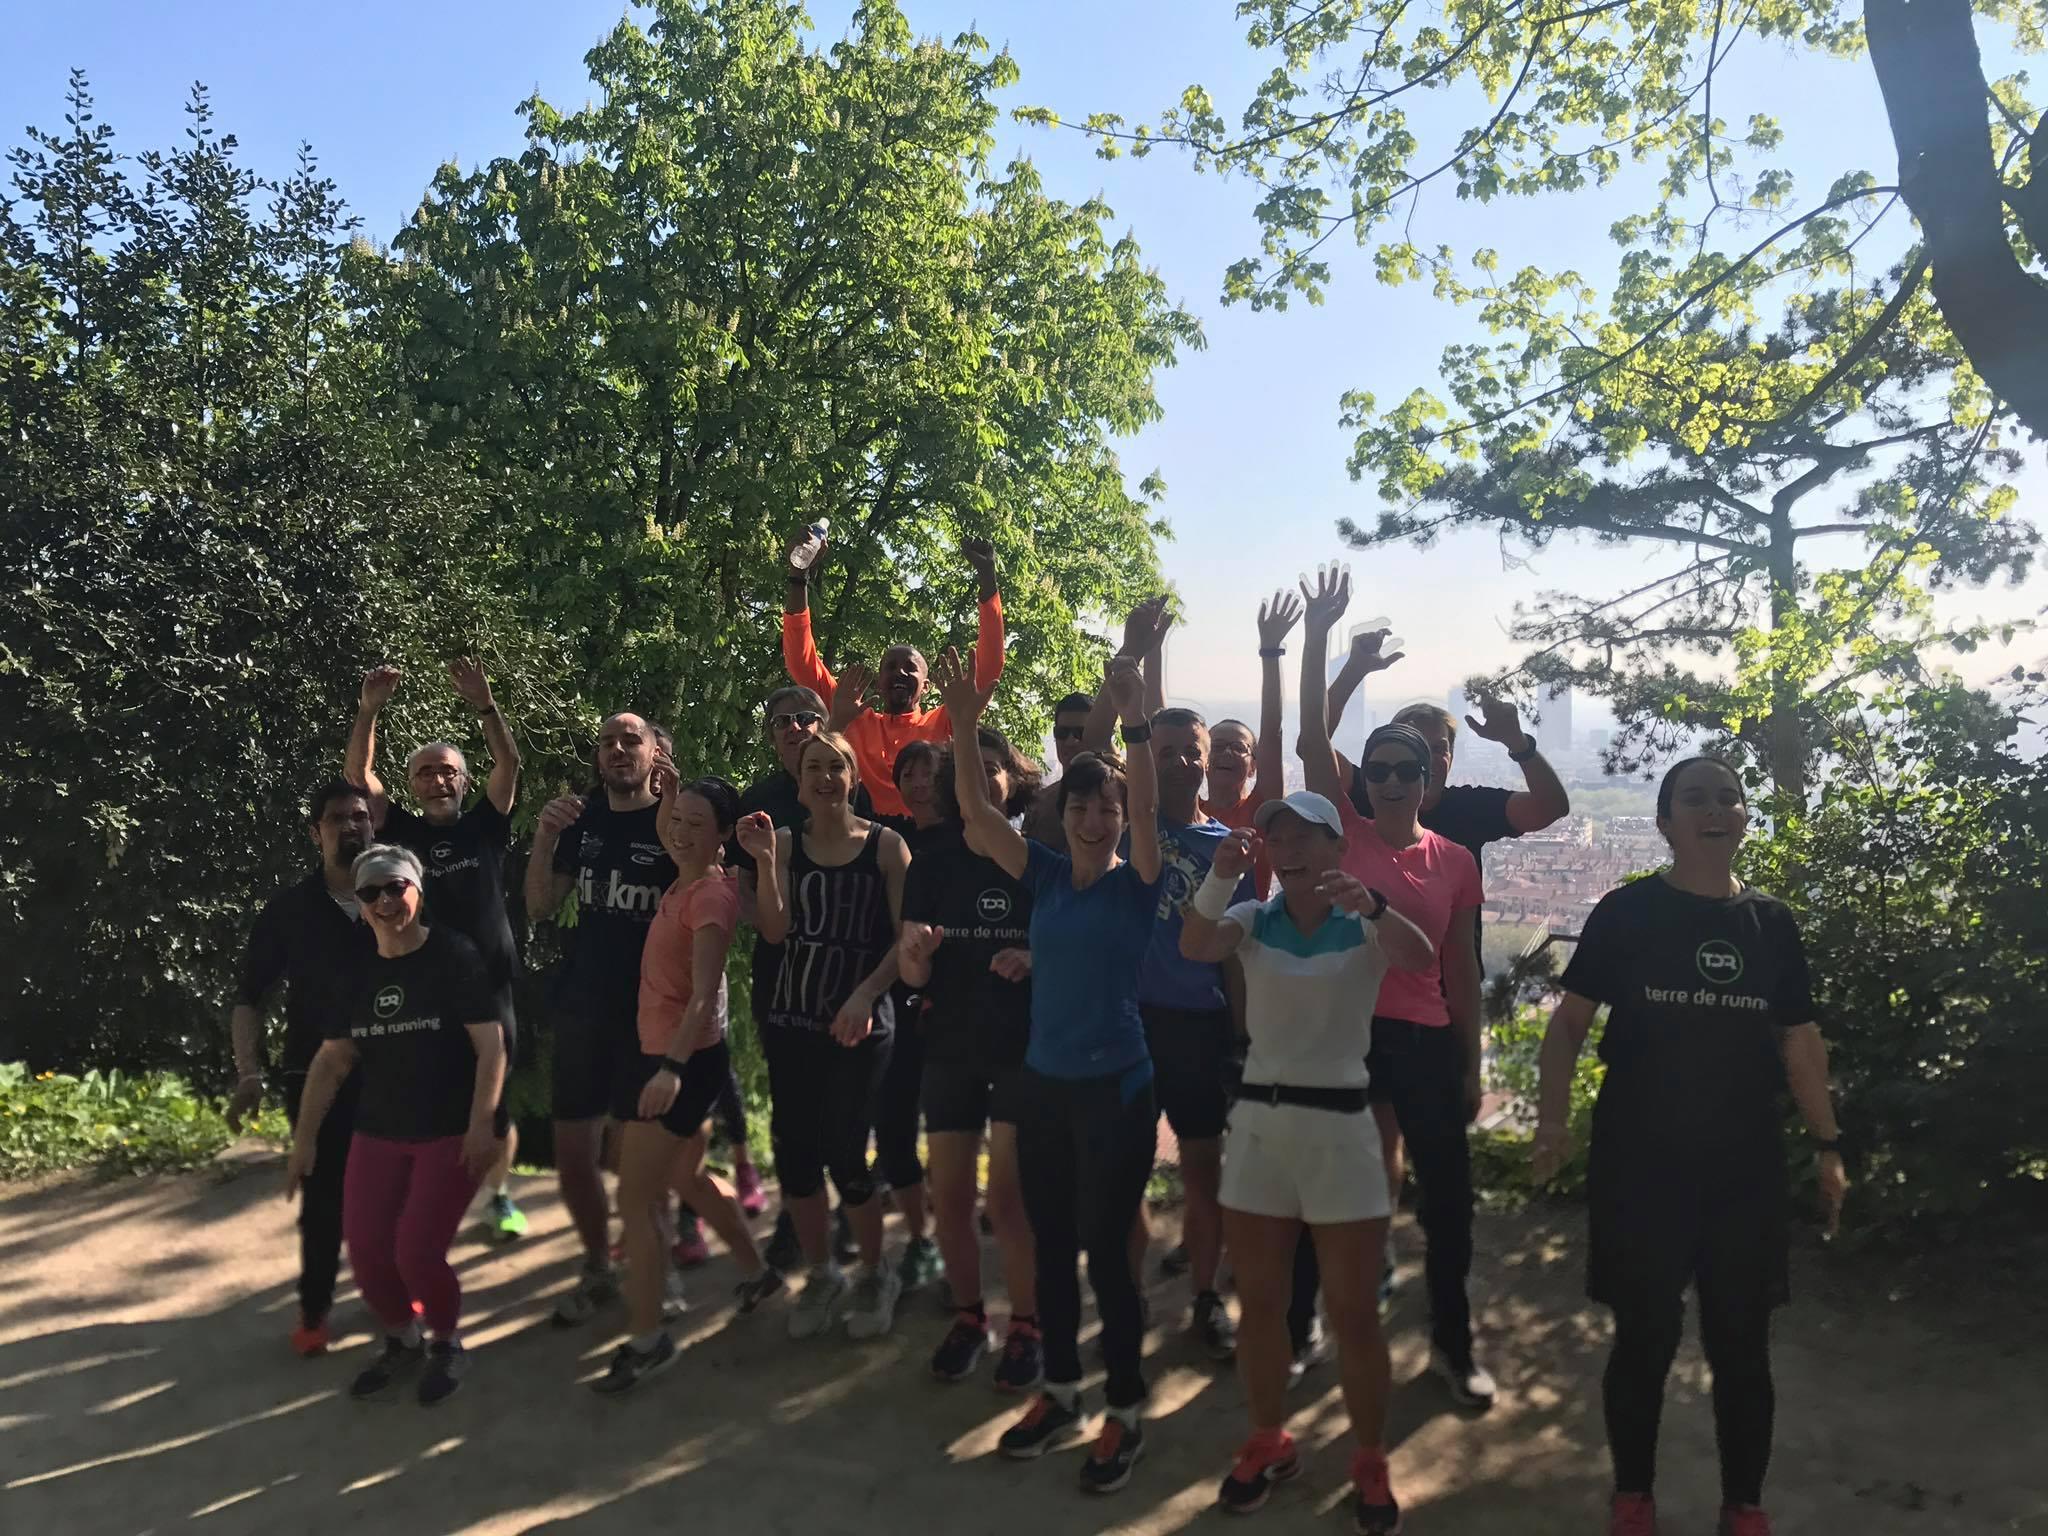 Chaude Ronde Sur Lyon Pour Un Plan Baise